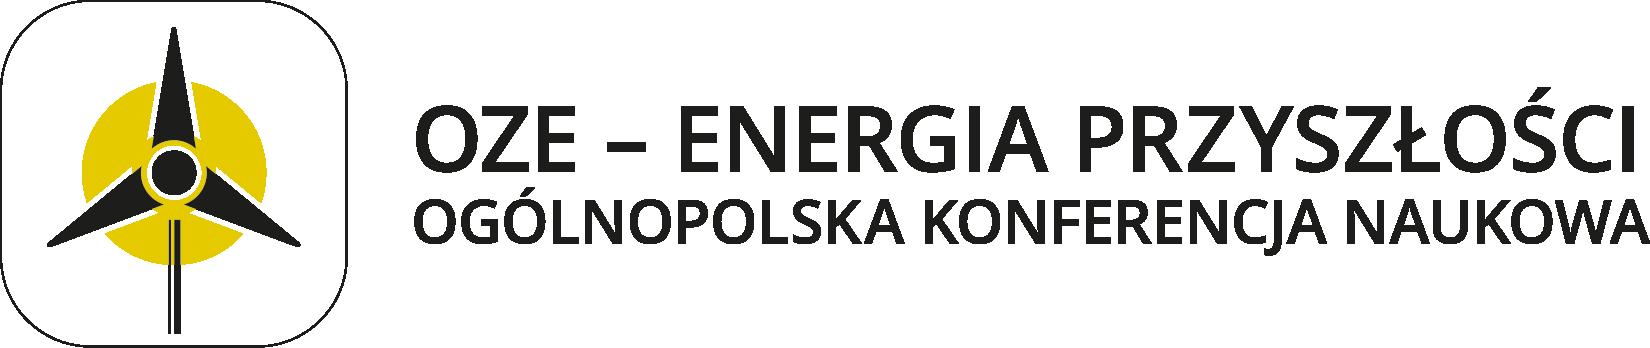 """Ogólnopolska Konferencja Naukowa """"OZE – Energia przyszłości"""""""